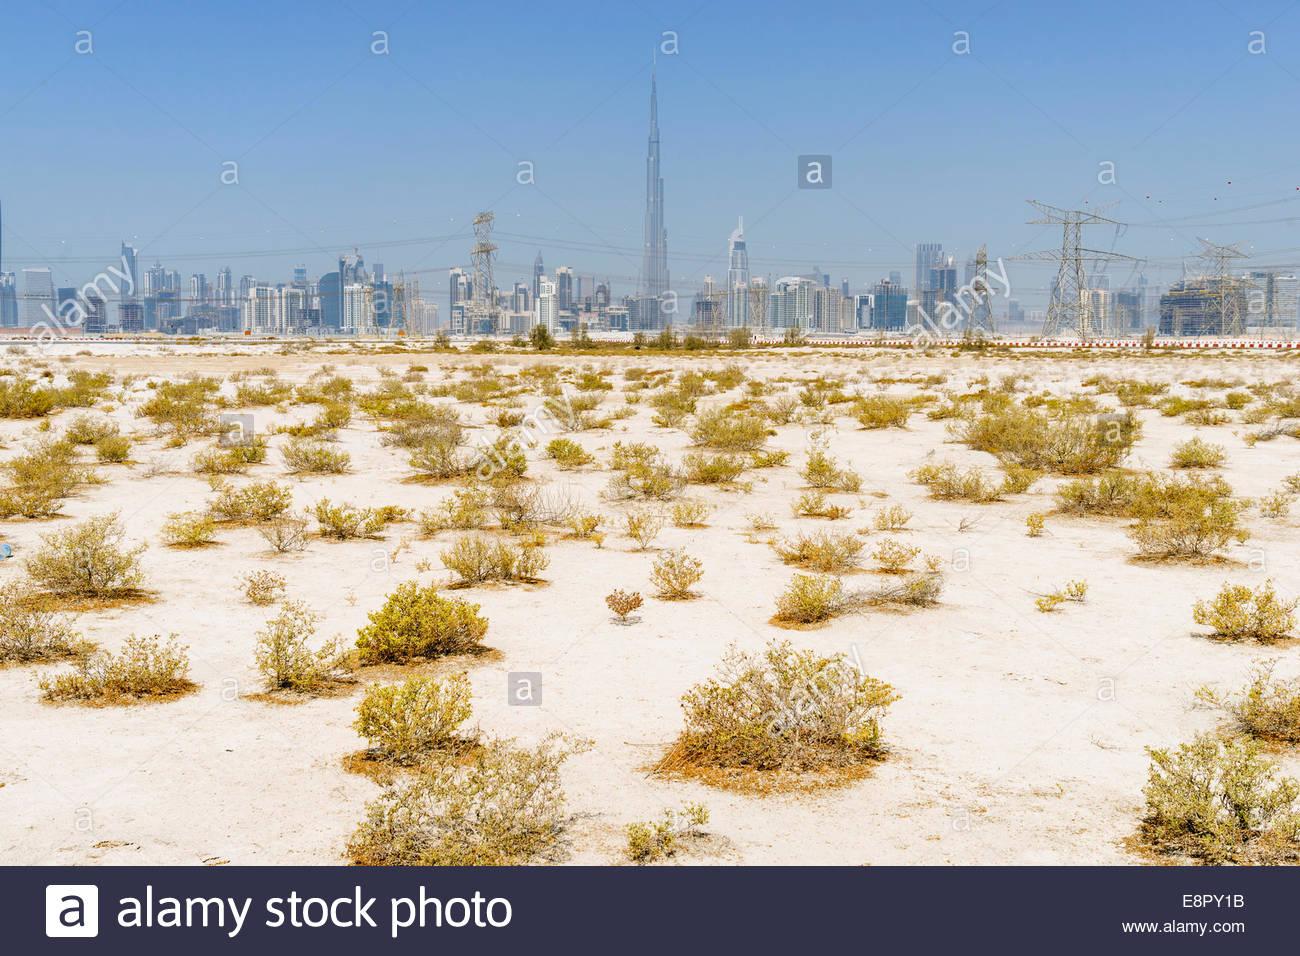 Horizonte de rascacielos y Burj Khalifa, desde el desierto en Dubai, Emiratos Árabes Unidos Imagen De Stock